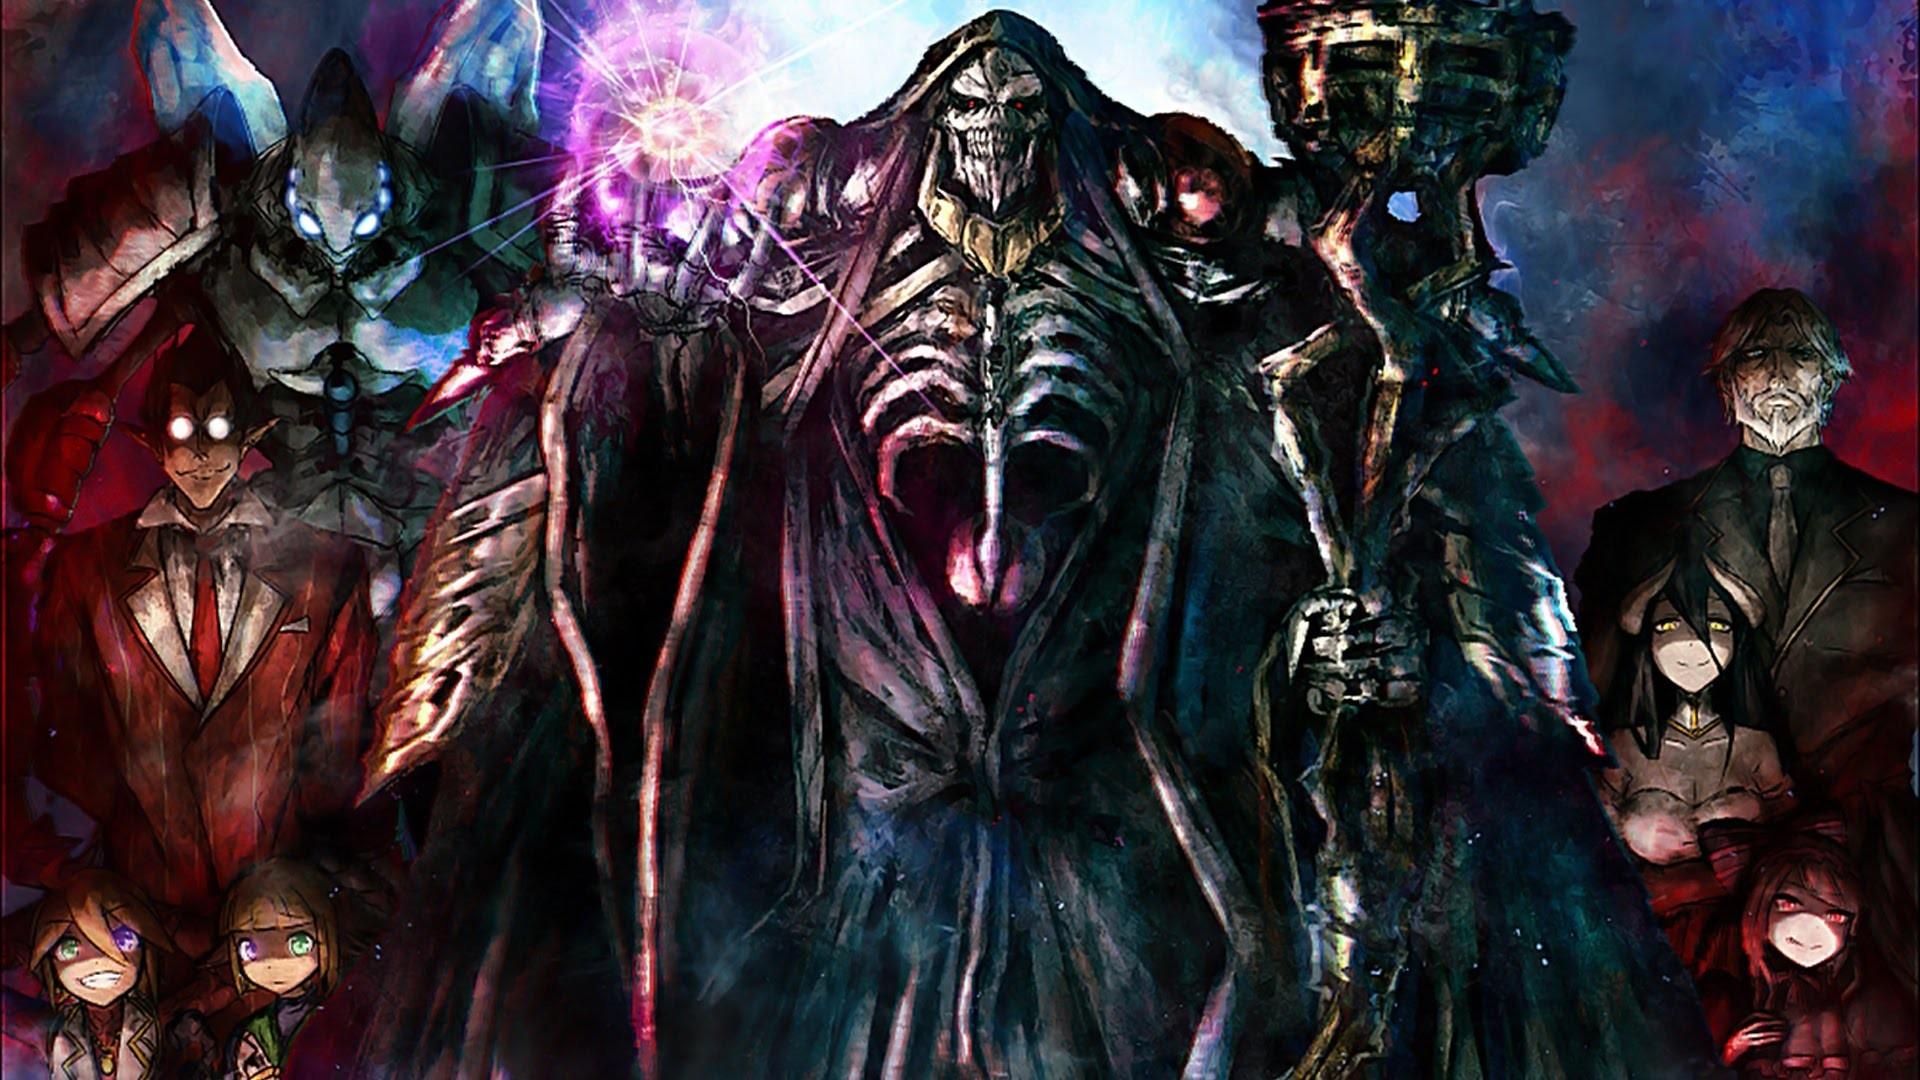 Downaload Overlord King And Warriors Art Wallpaper: Wallpaper : Comics, Overlord Anime, Shalltear Bloodfallen